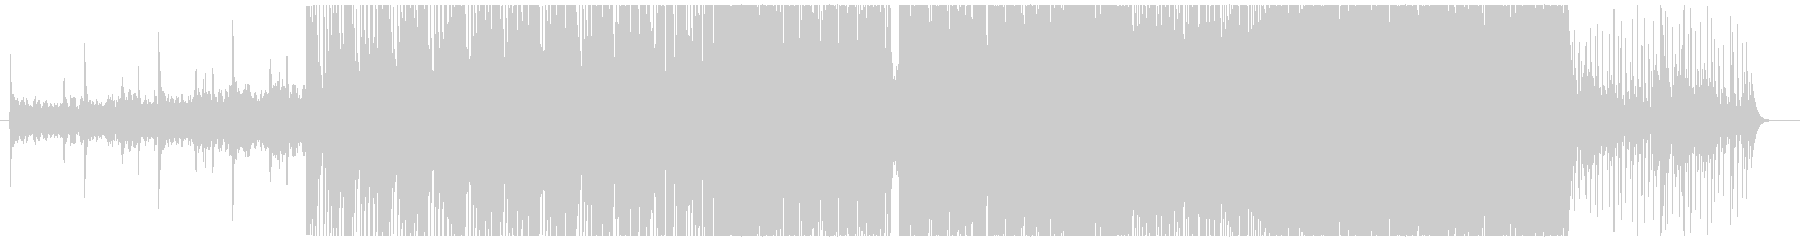 トライバルを意識したハード系インストの未再生の波形